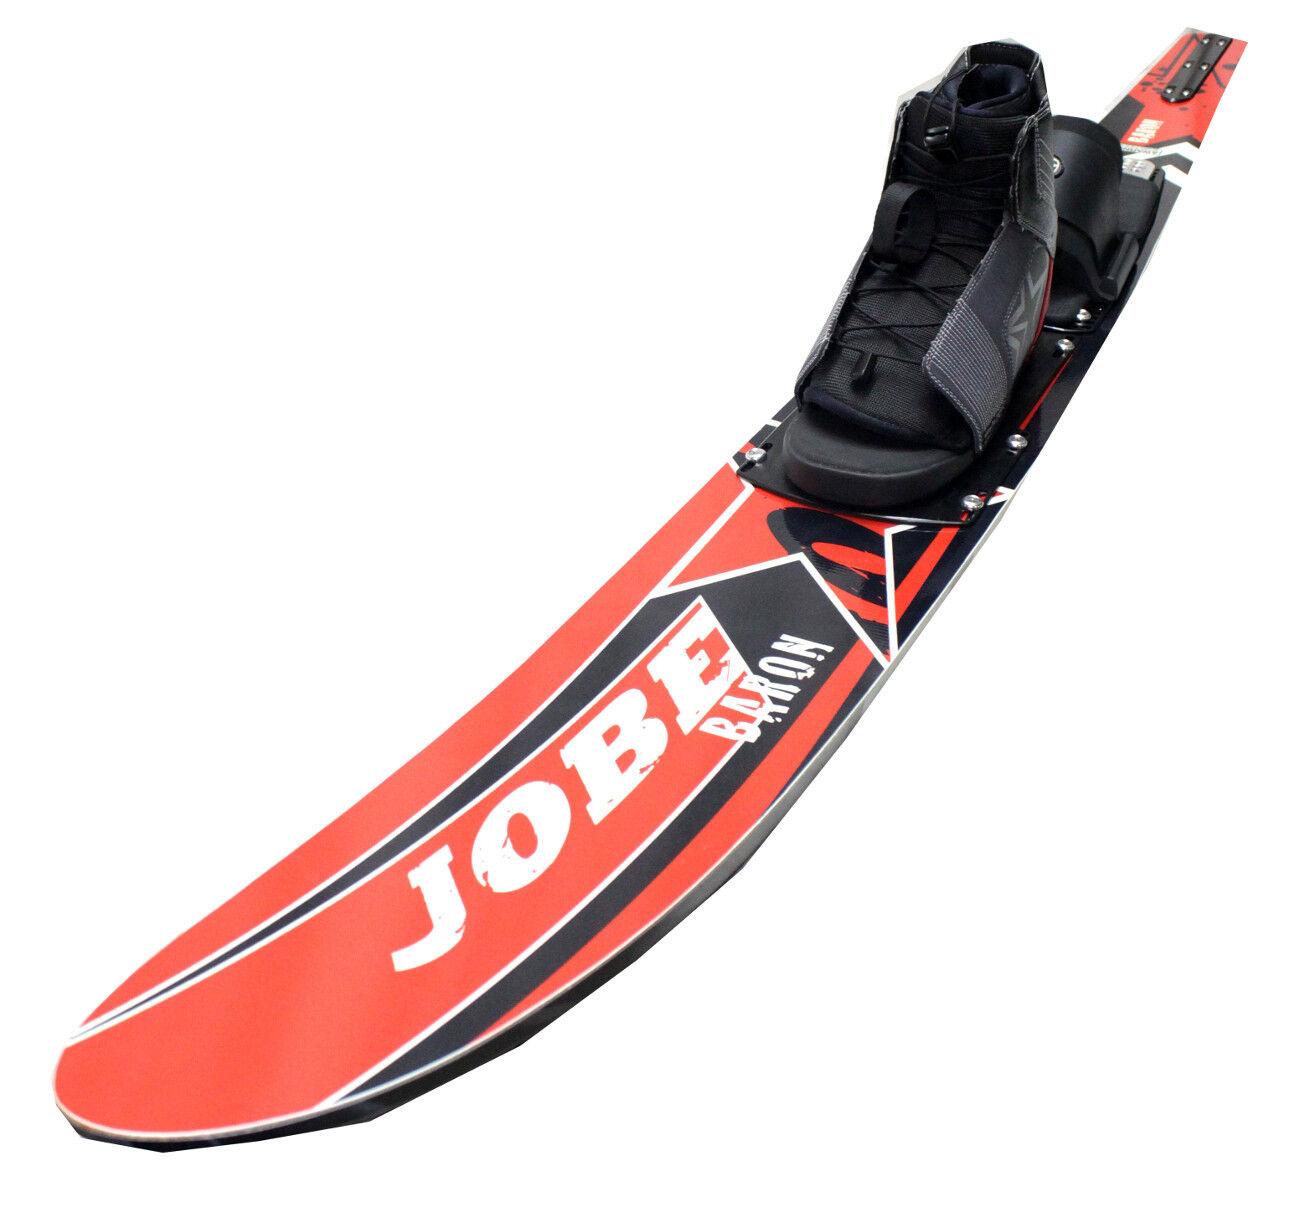 Jobe barón monoski 67  para hacer esquí acuático monoskibindung mono ski salomonski LG